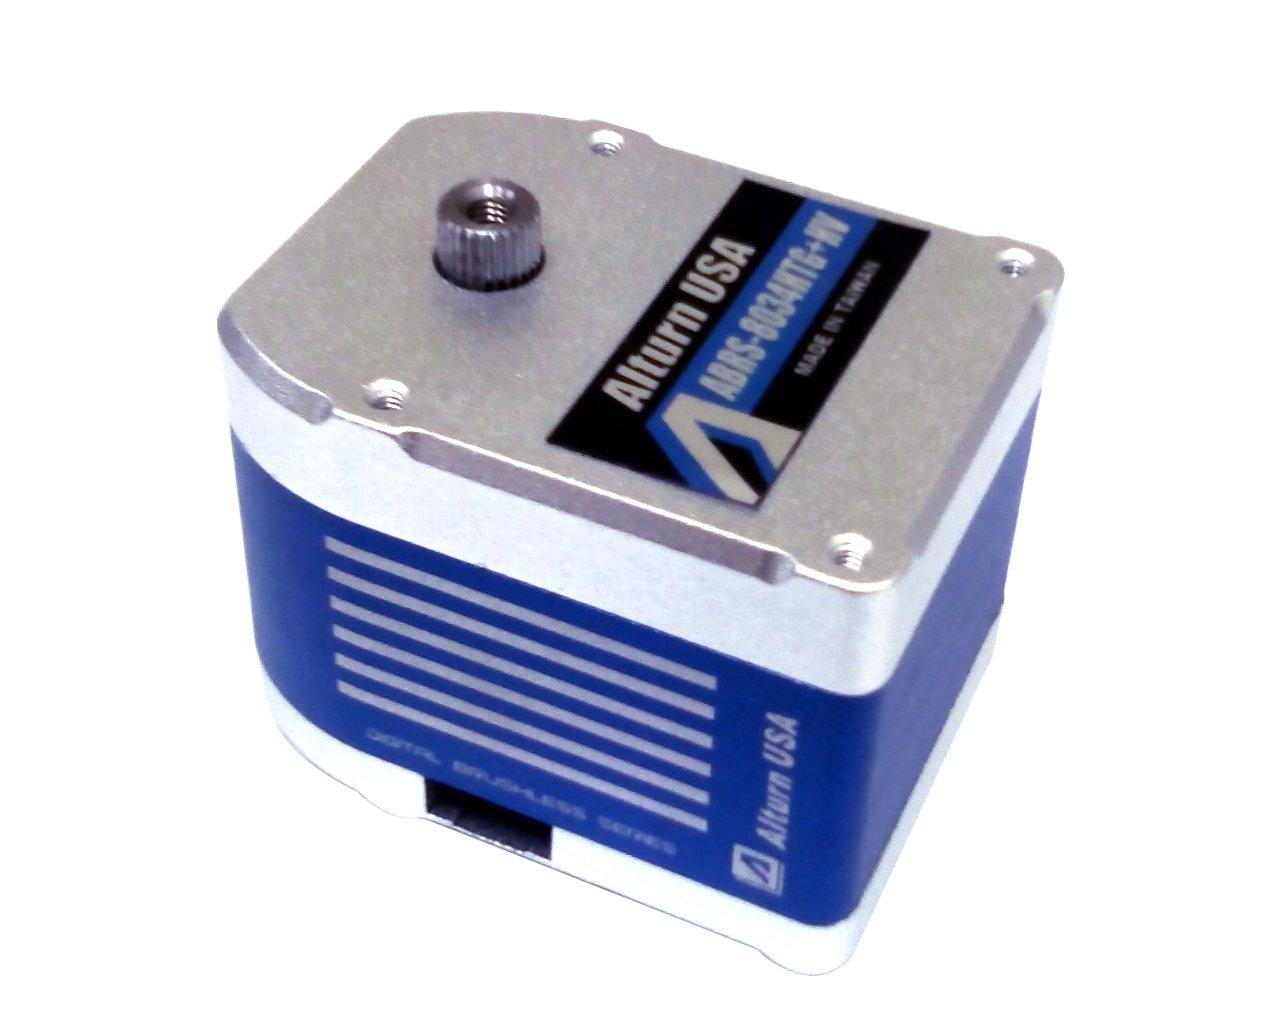 ABRS-8034HTG+Full HV / Duty Heavy Robot Brushless Digital High Voltage